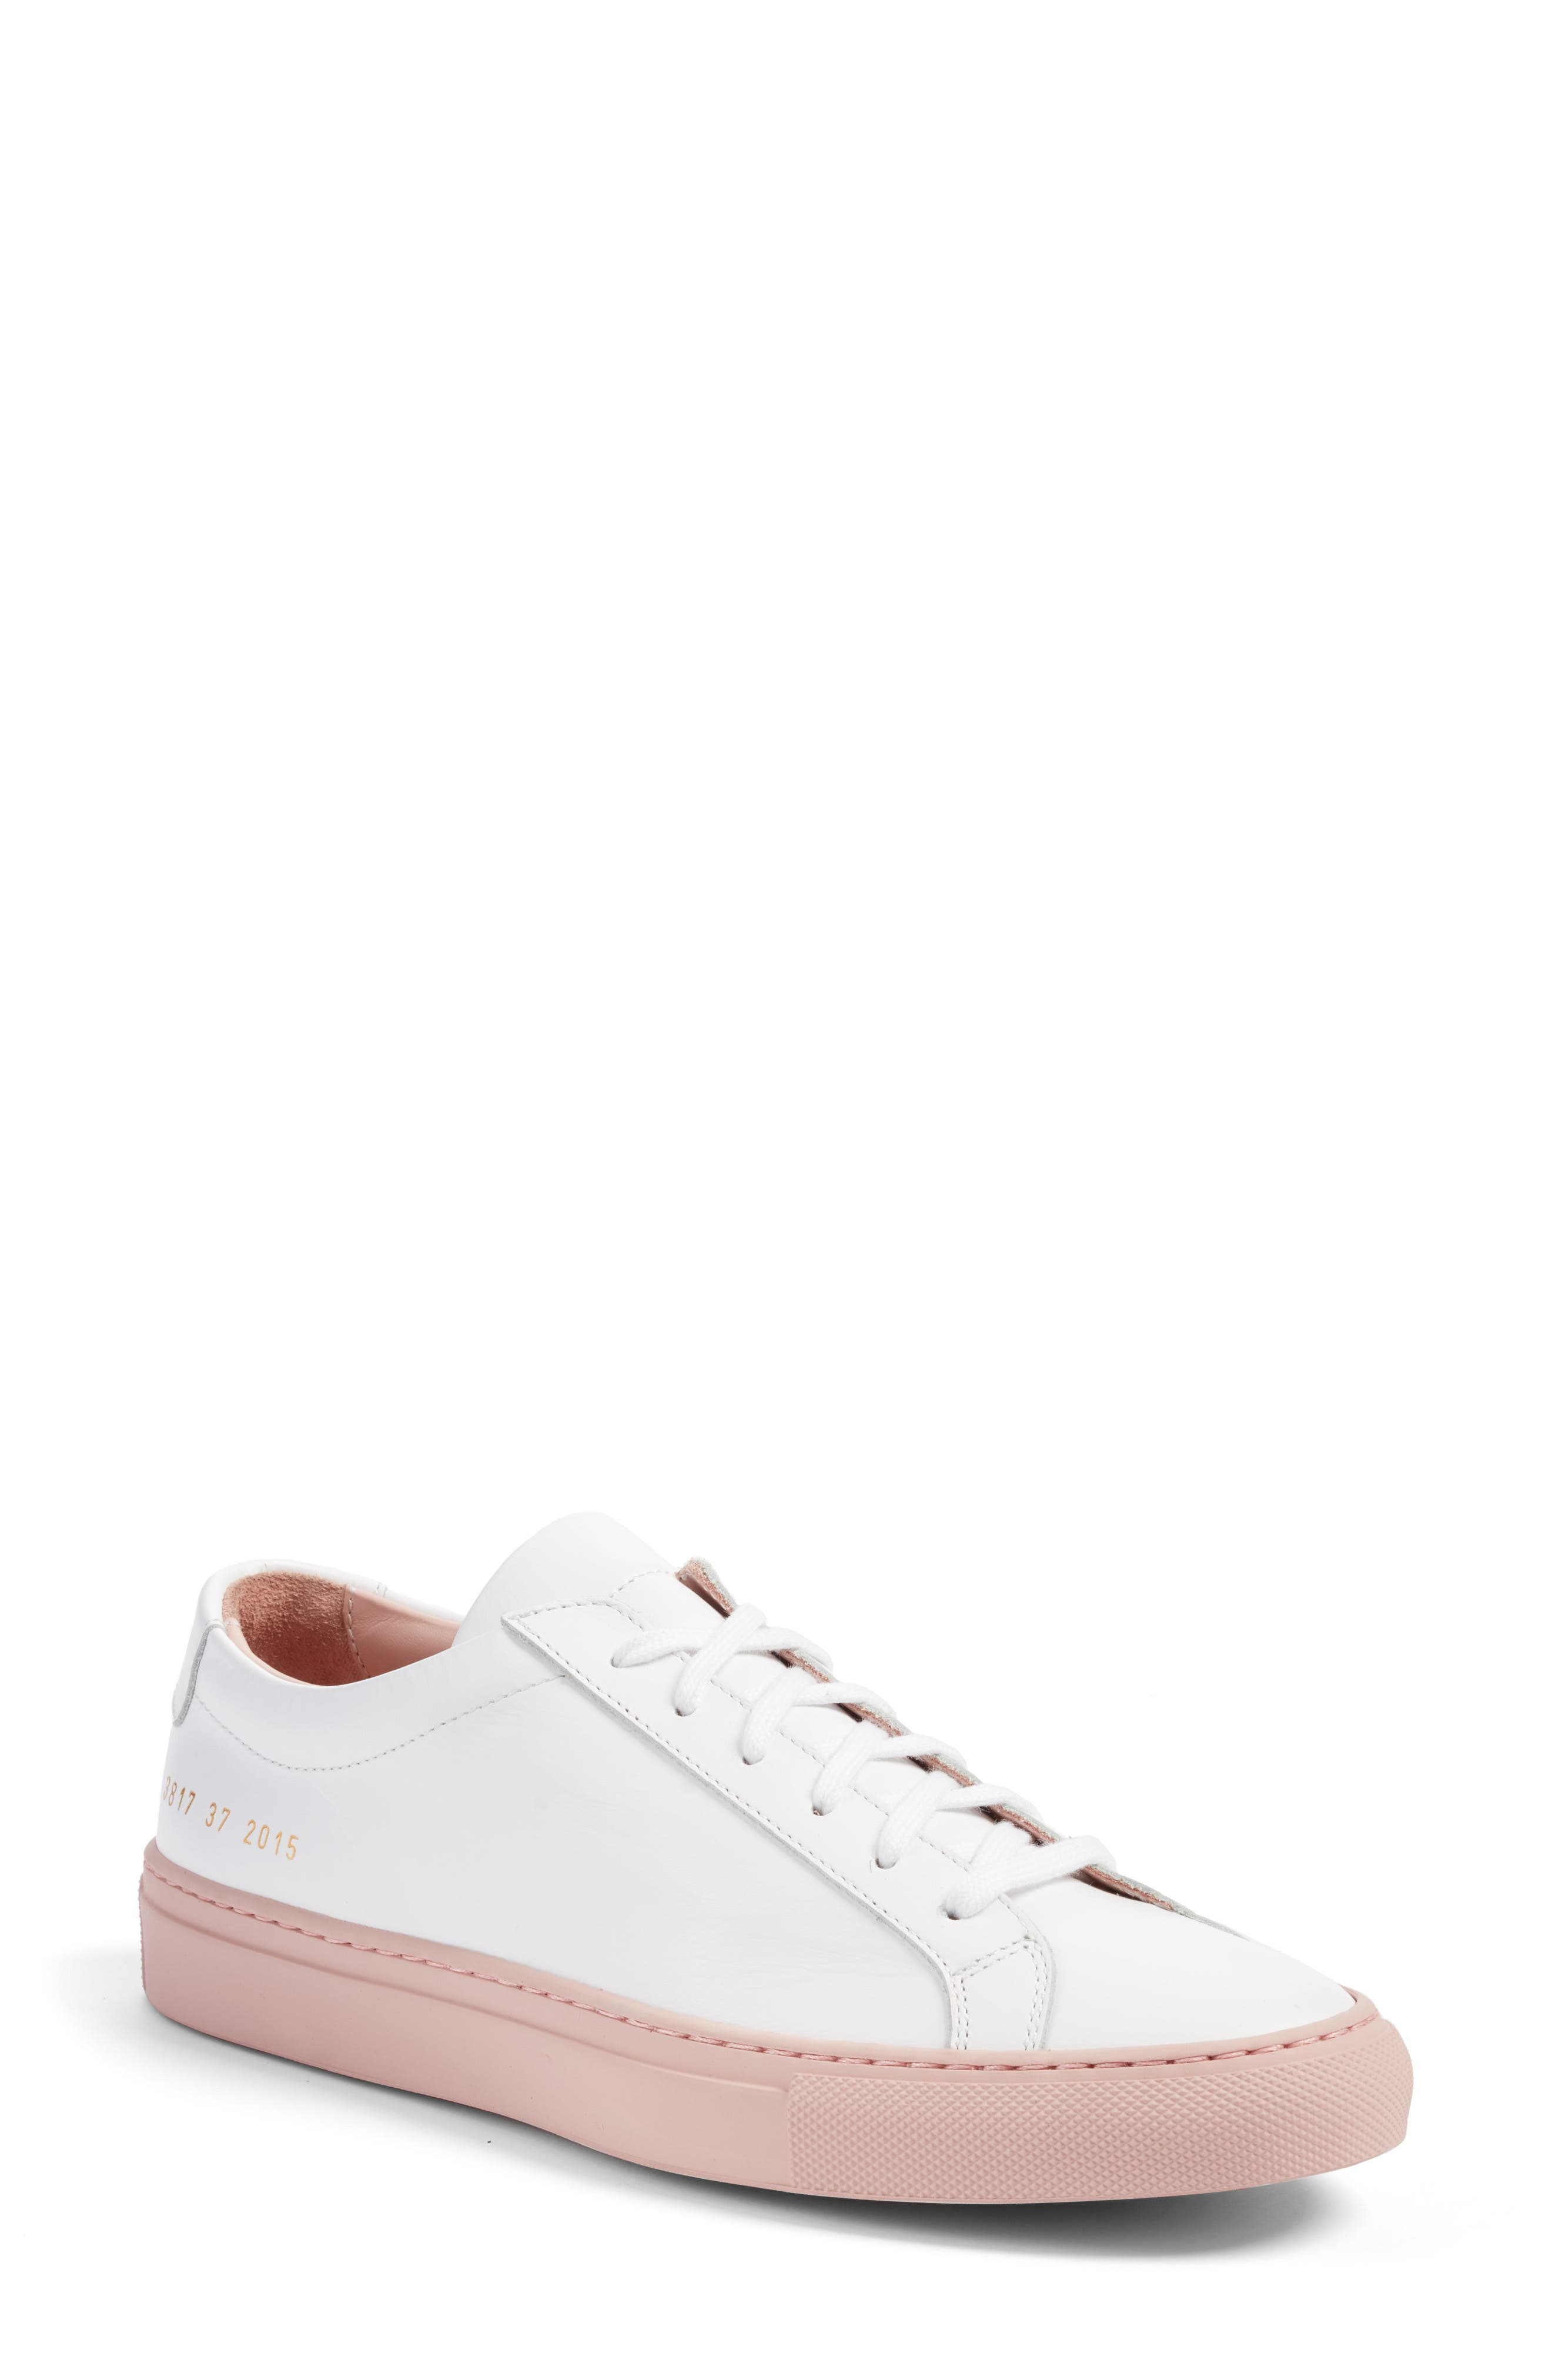 Achilles Sneaker,                             Main thumbnail 1, color,                             101